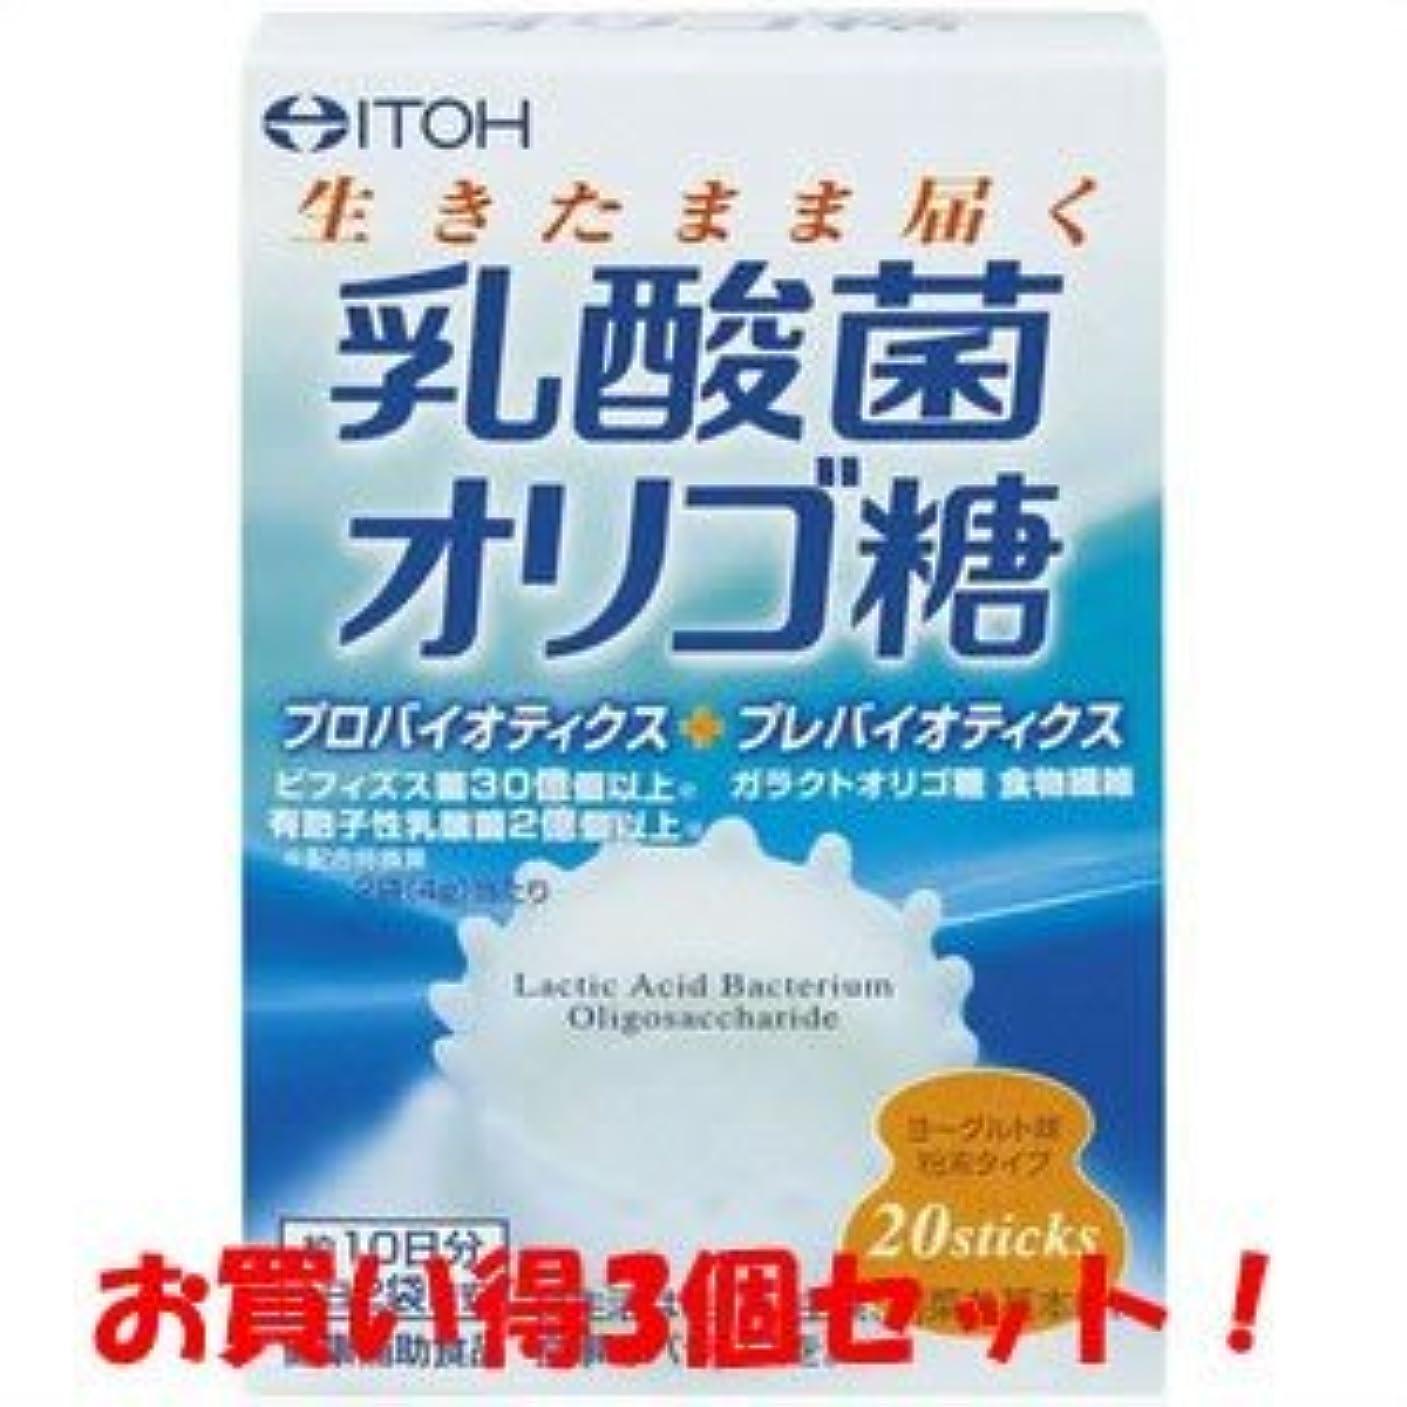 歩道正気安らぎ【井藤漢方製薬】乳酸菌オリゴ糖 40g(2g×20スティック)(お買い得3個セット)